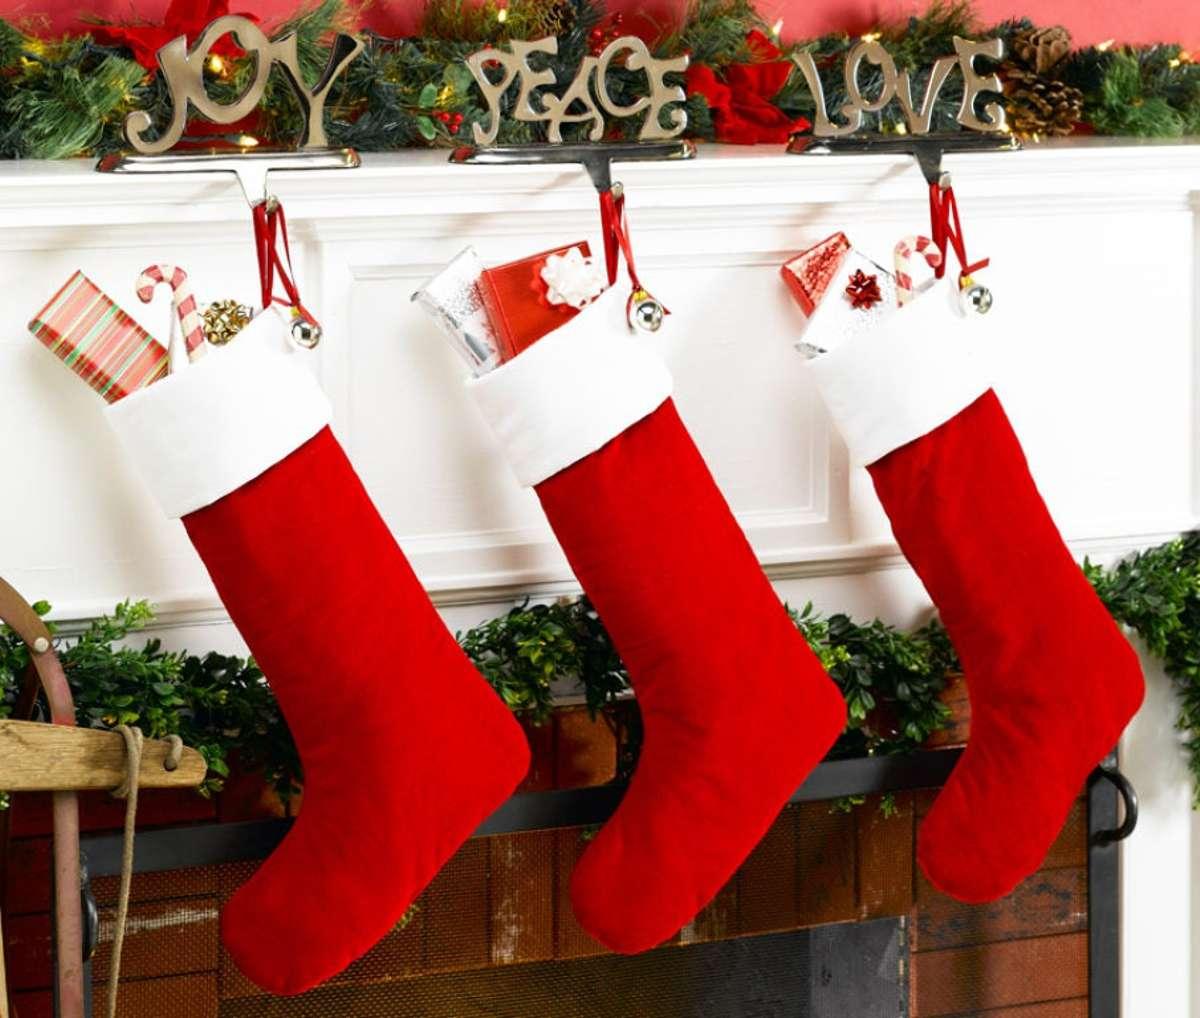 7 Juegos de Navidad para disfrutar con la familia 3